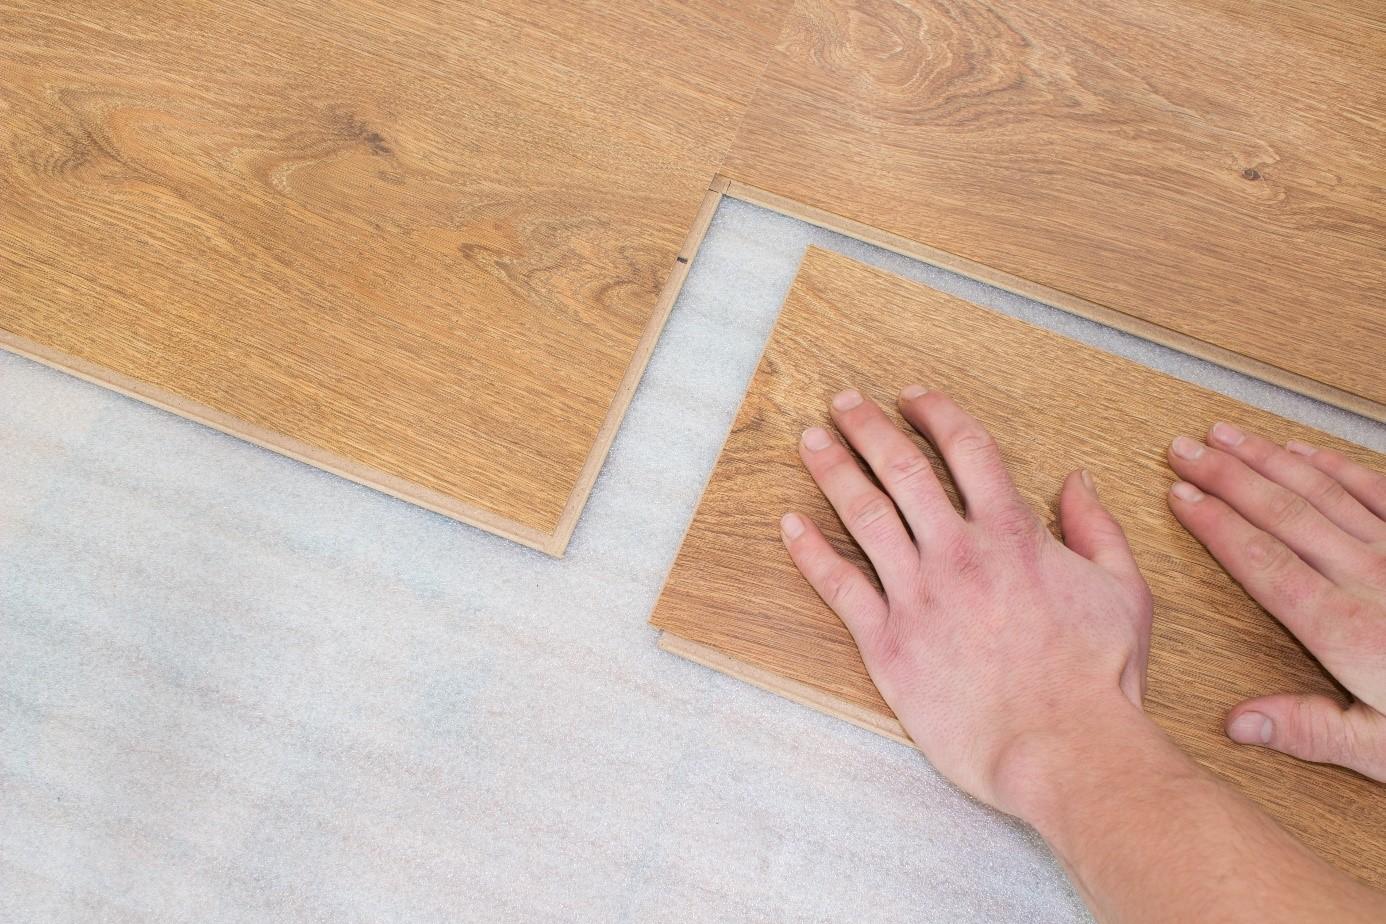 Een nieuwe vloer aanleggen is meestal prijzig: hoe kun je dit financieren? #vloer #verbouwen